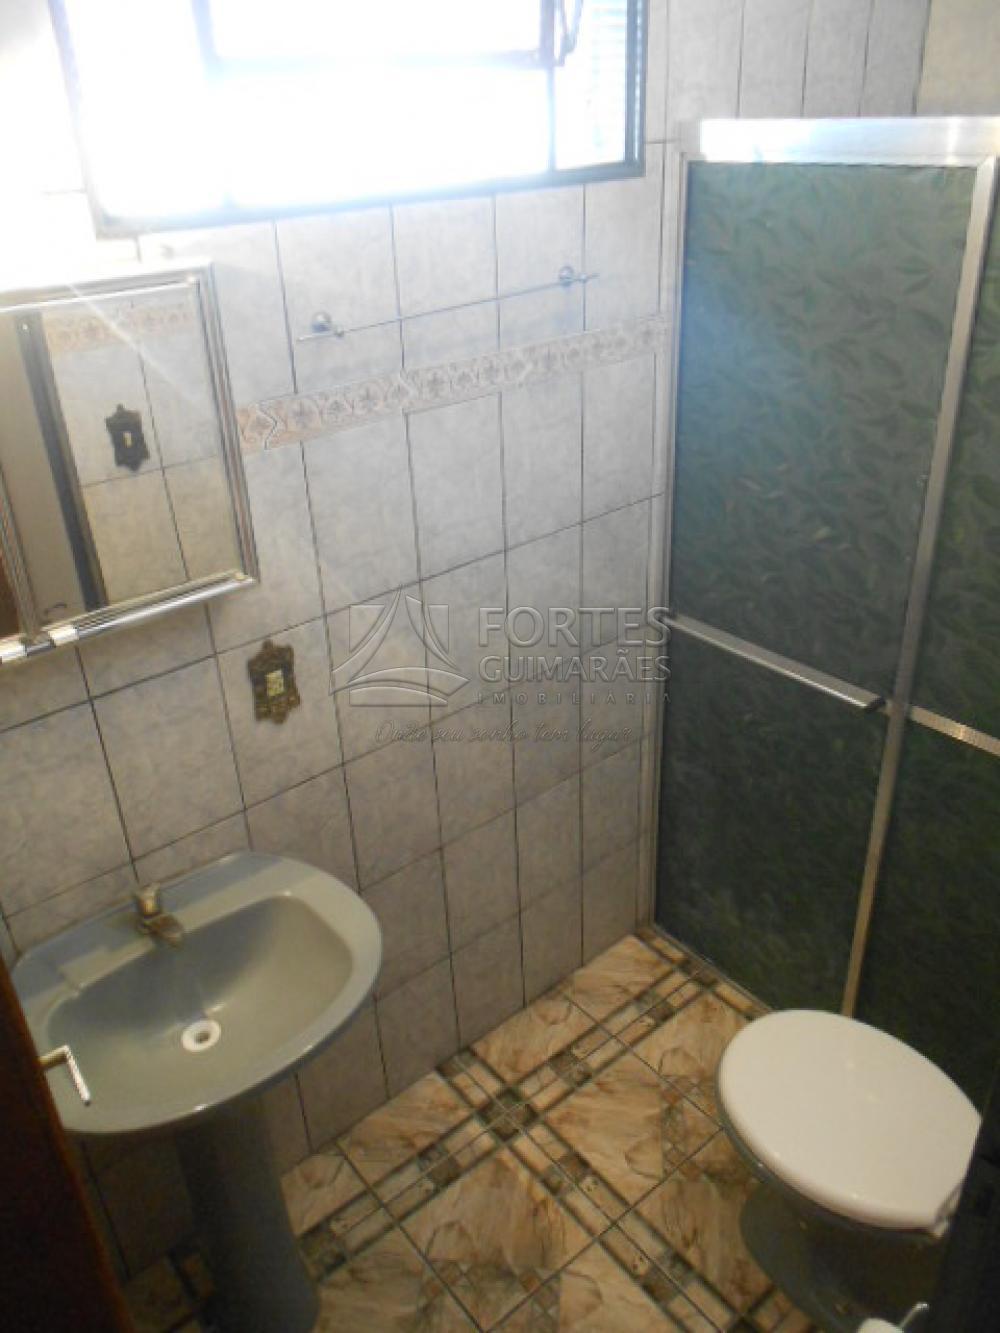 Alugar Casas / Padrão em Ribeirão Preto apenas R$ 950,00 - Foto 24